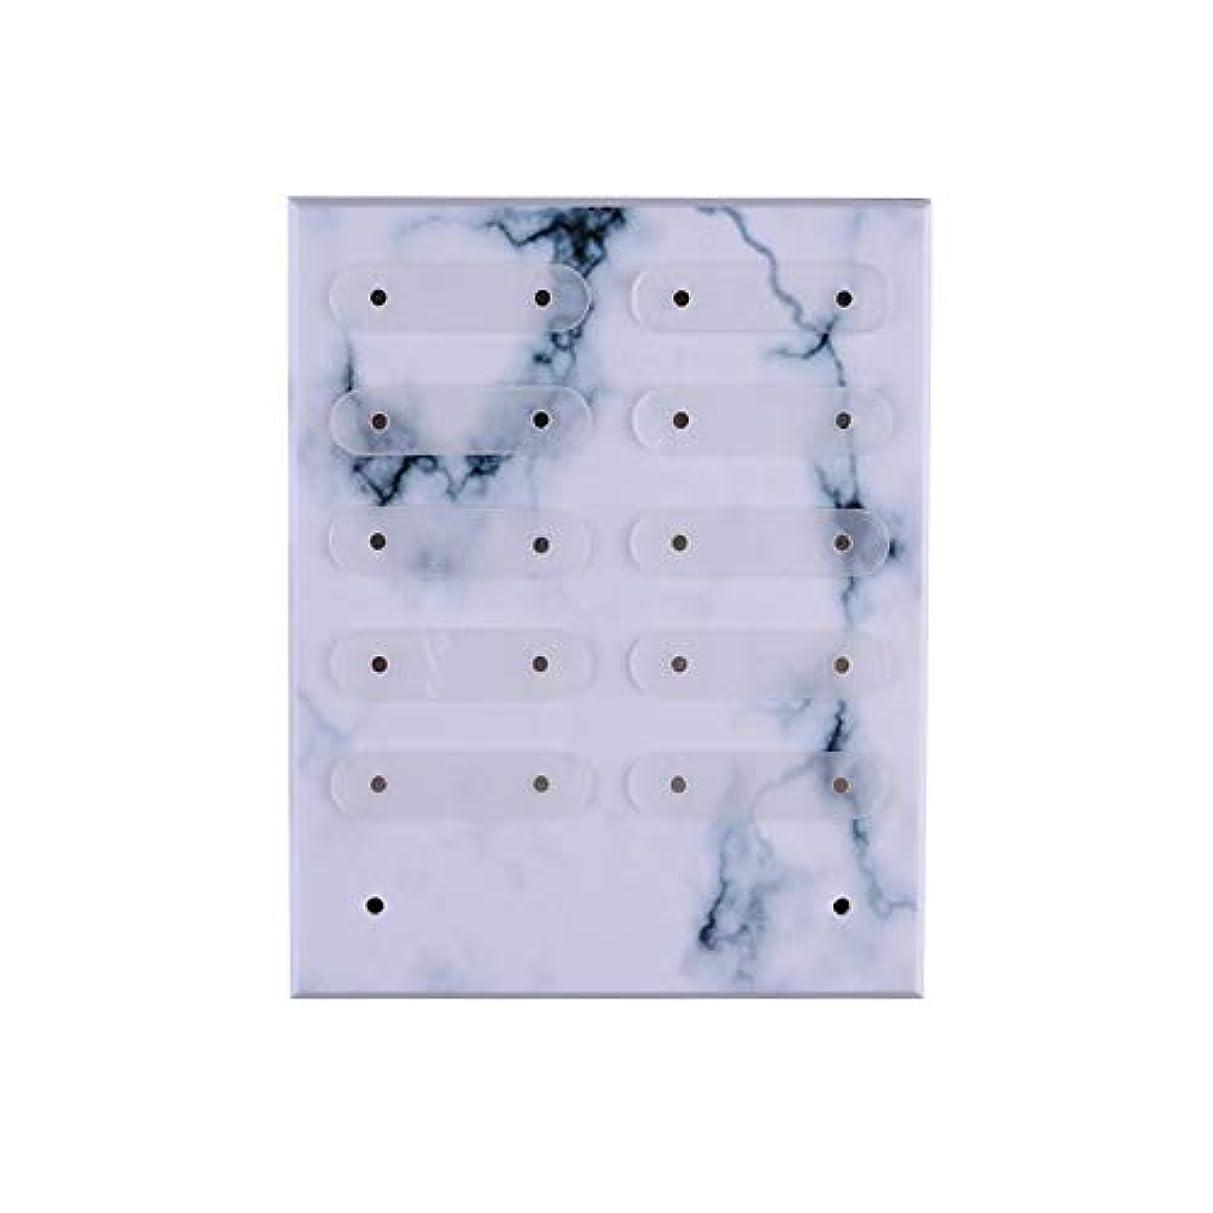 堀無知マニフェストBrill(ブリーオ) 三次元Magnetadsorptionネイルアートの表示には、ネイルサロン/マニキュア/ペディキュアのための適切な着脱式スタンド